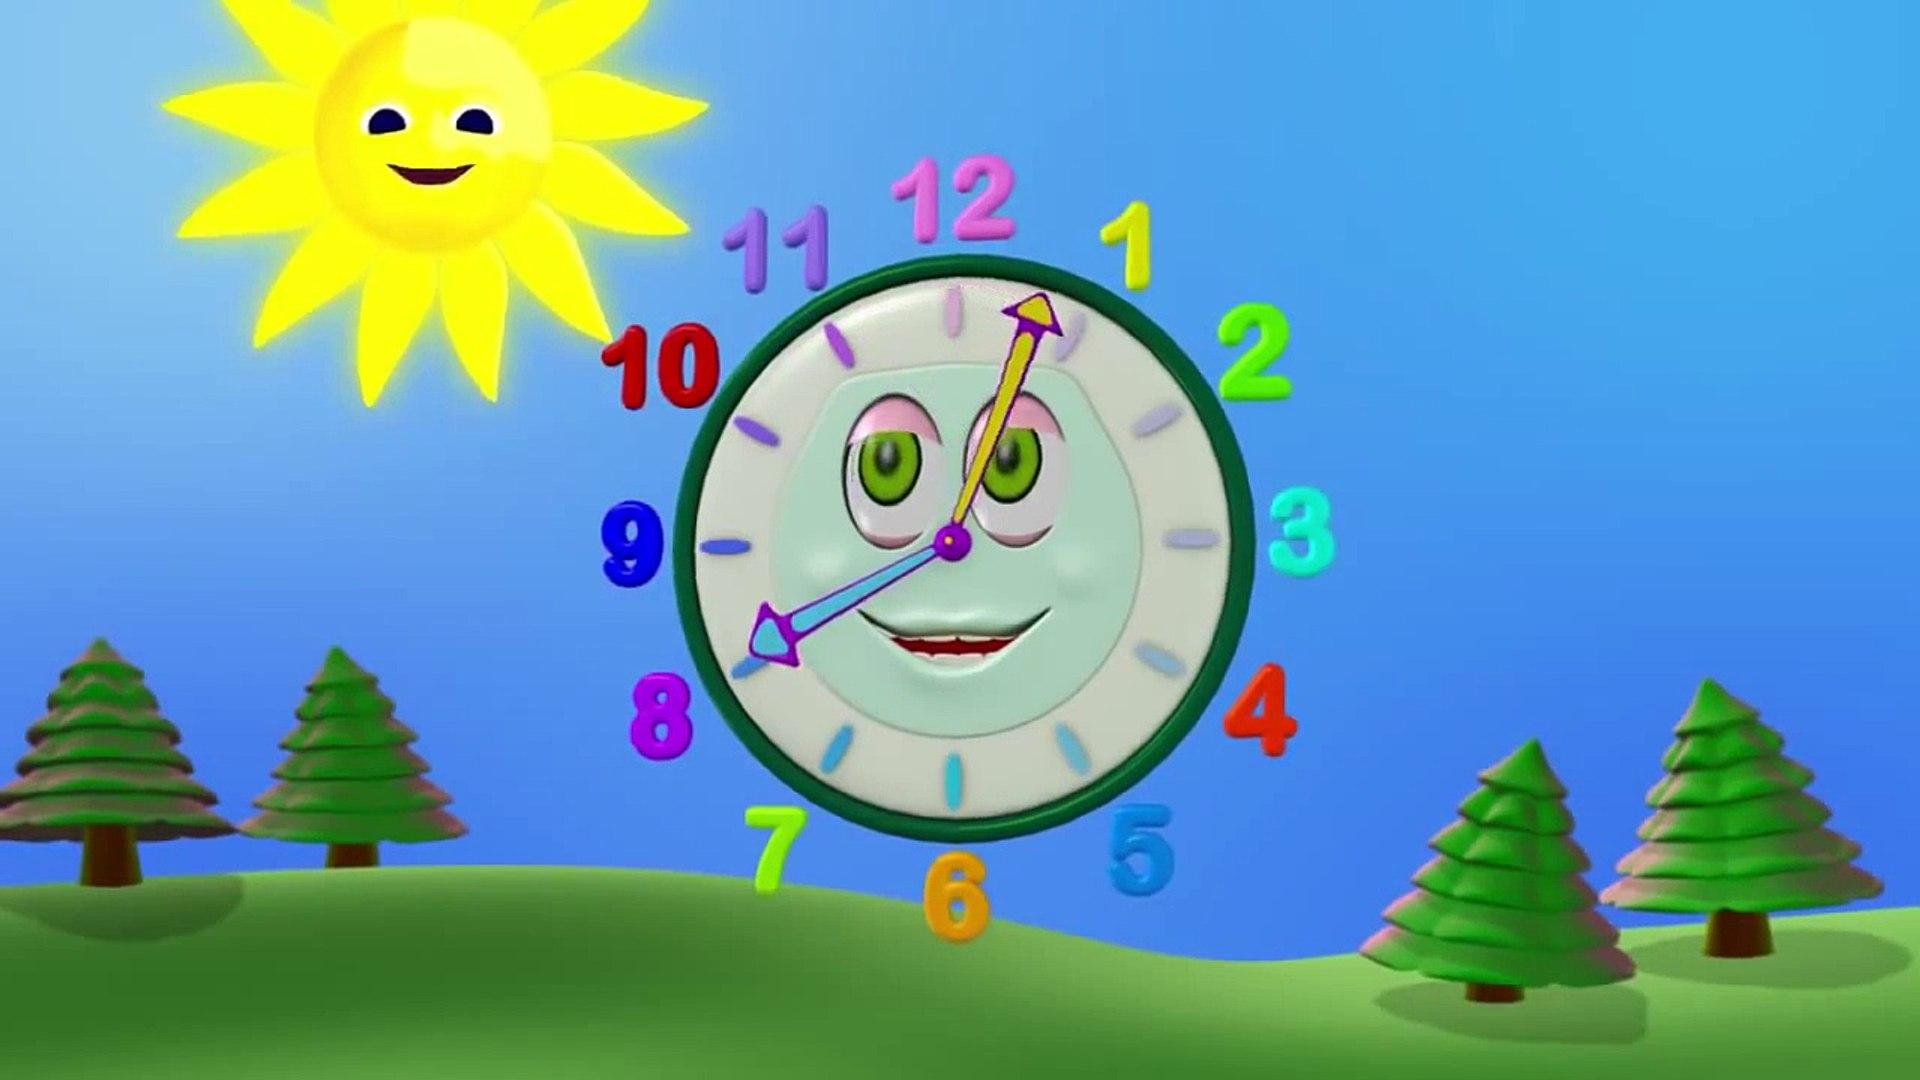 Zeemzoom - Çizgi film - Sevimli guguk saati çocuklara saati öğretiyor Çizgi Film izle - Animasyon HD